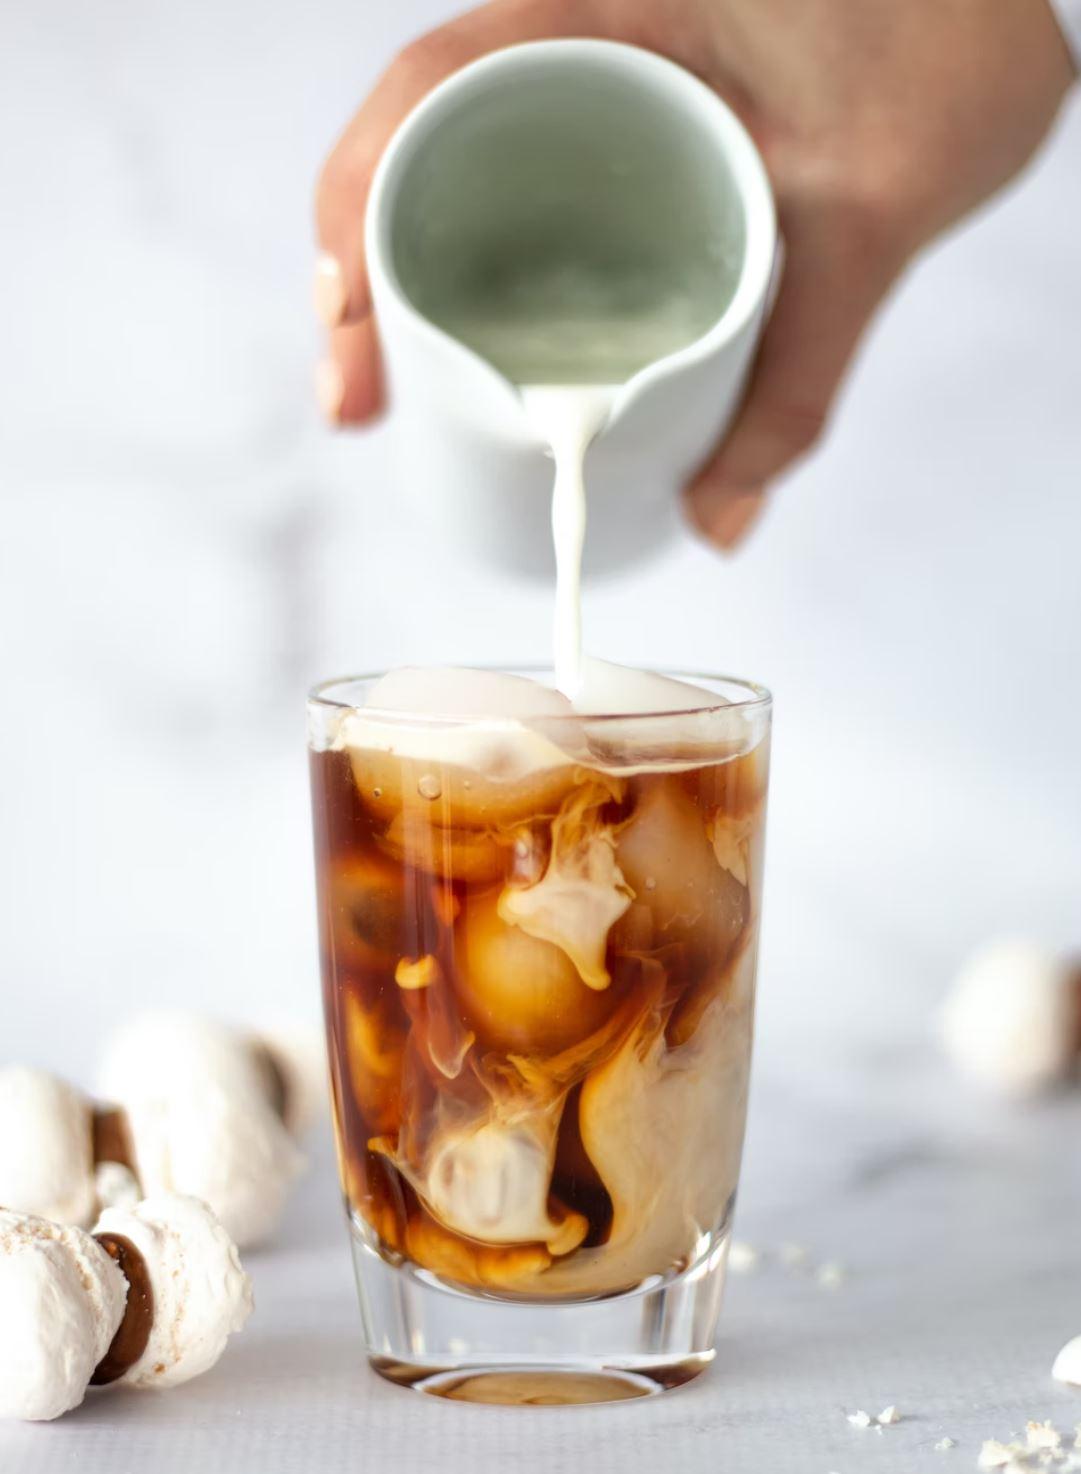 Iskaffe med skummad mjölk